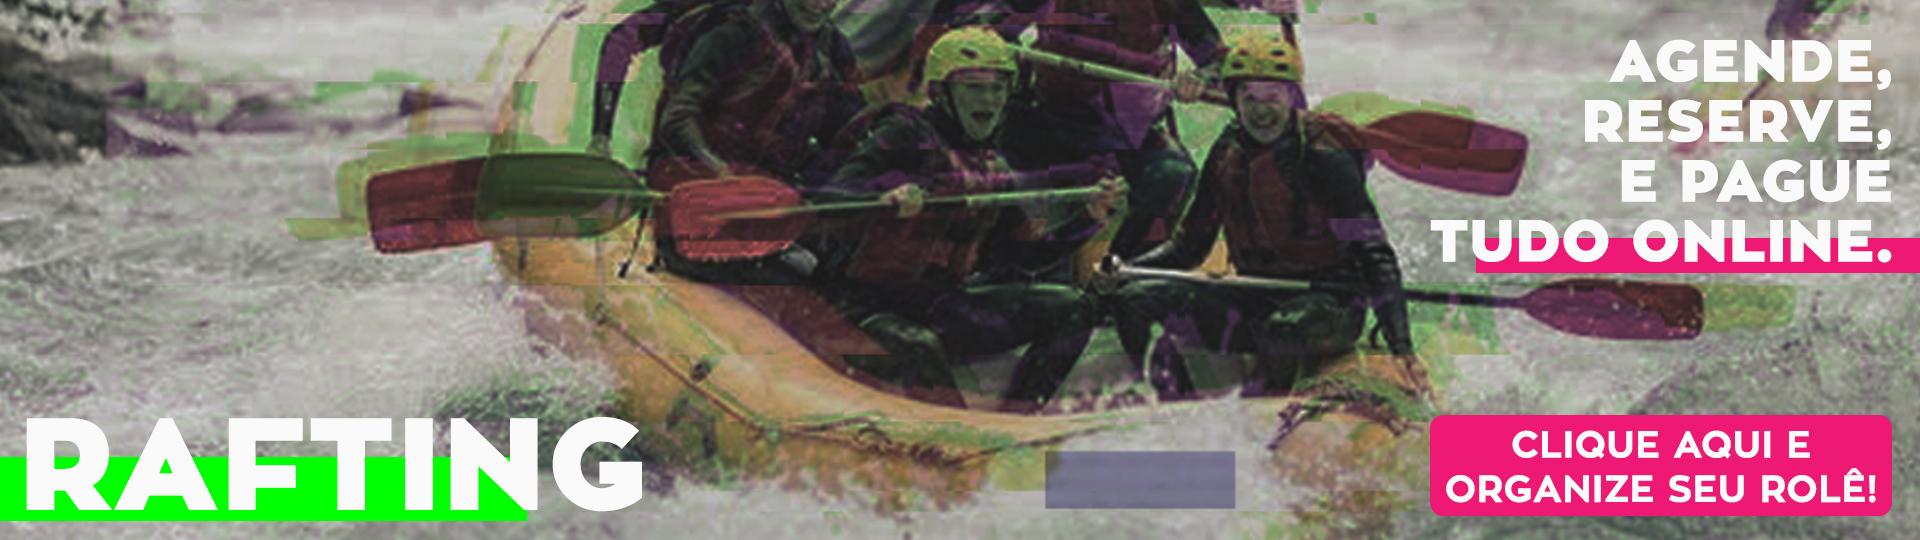 Grupo praticando rafting. Texto na esquerda inferior: rafting. Texto na direita superior: agende, reserve e pague tudo online. Texto direita inferior: clique aqui e organize seu rolê!